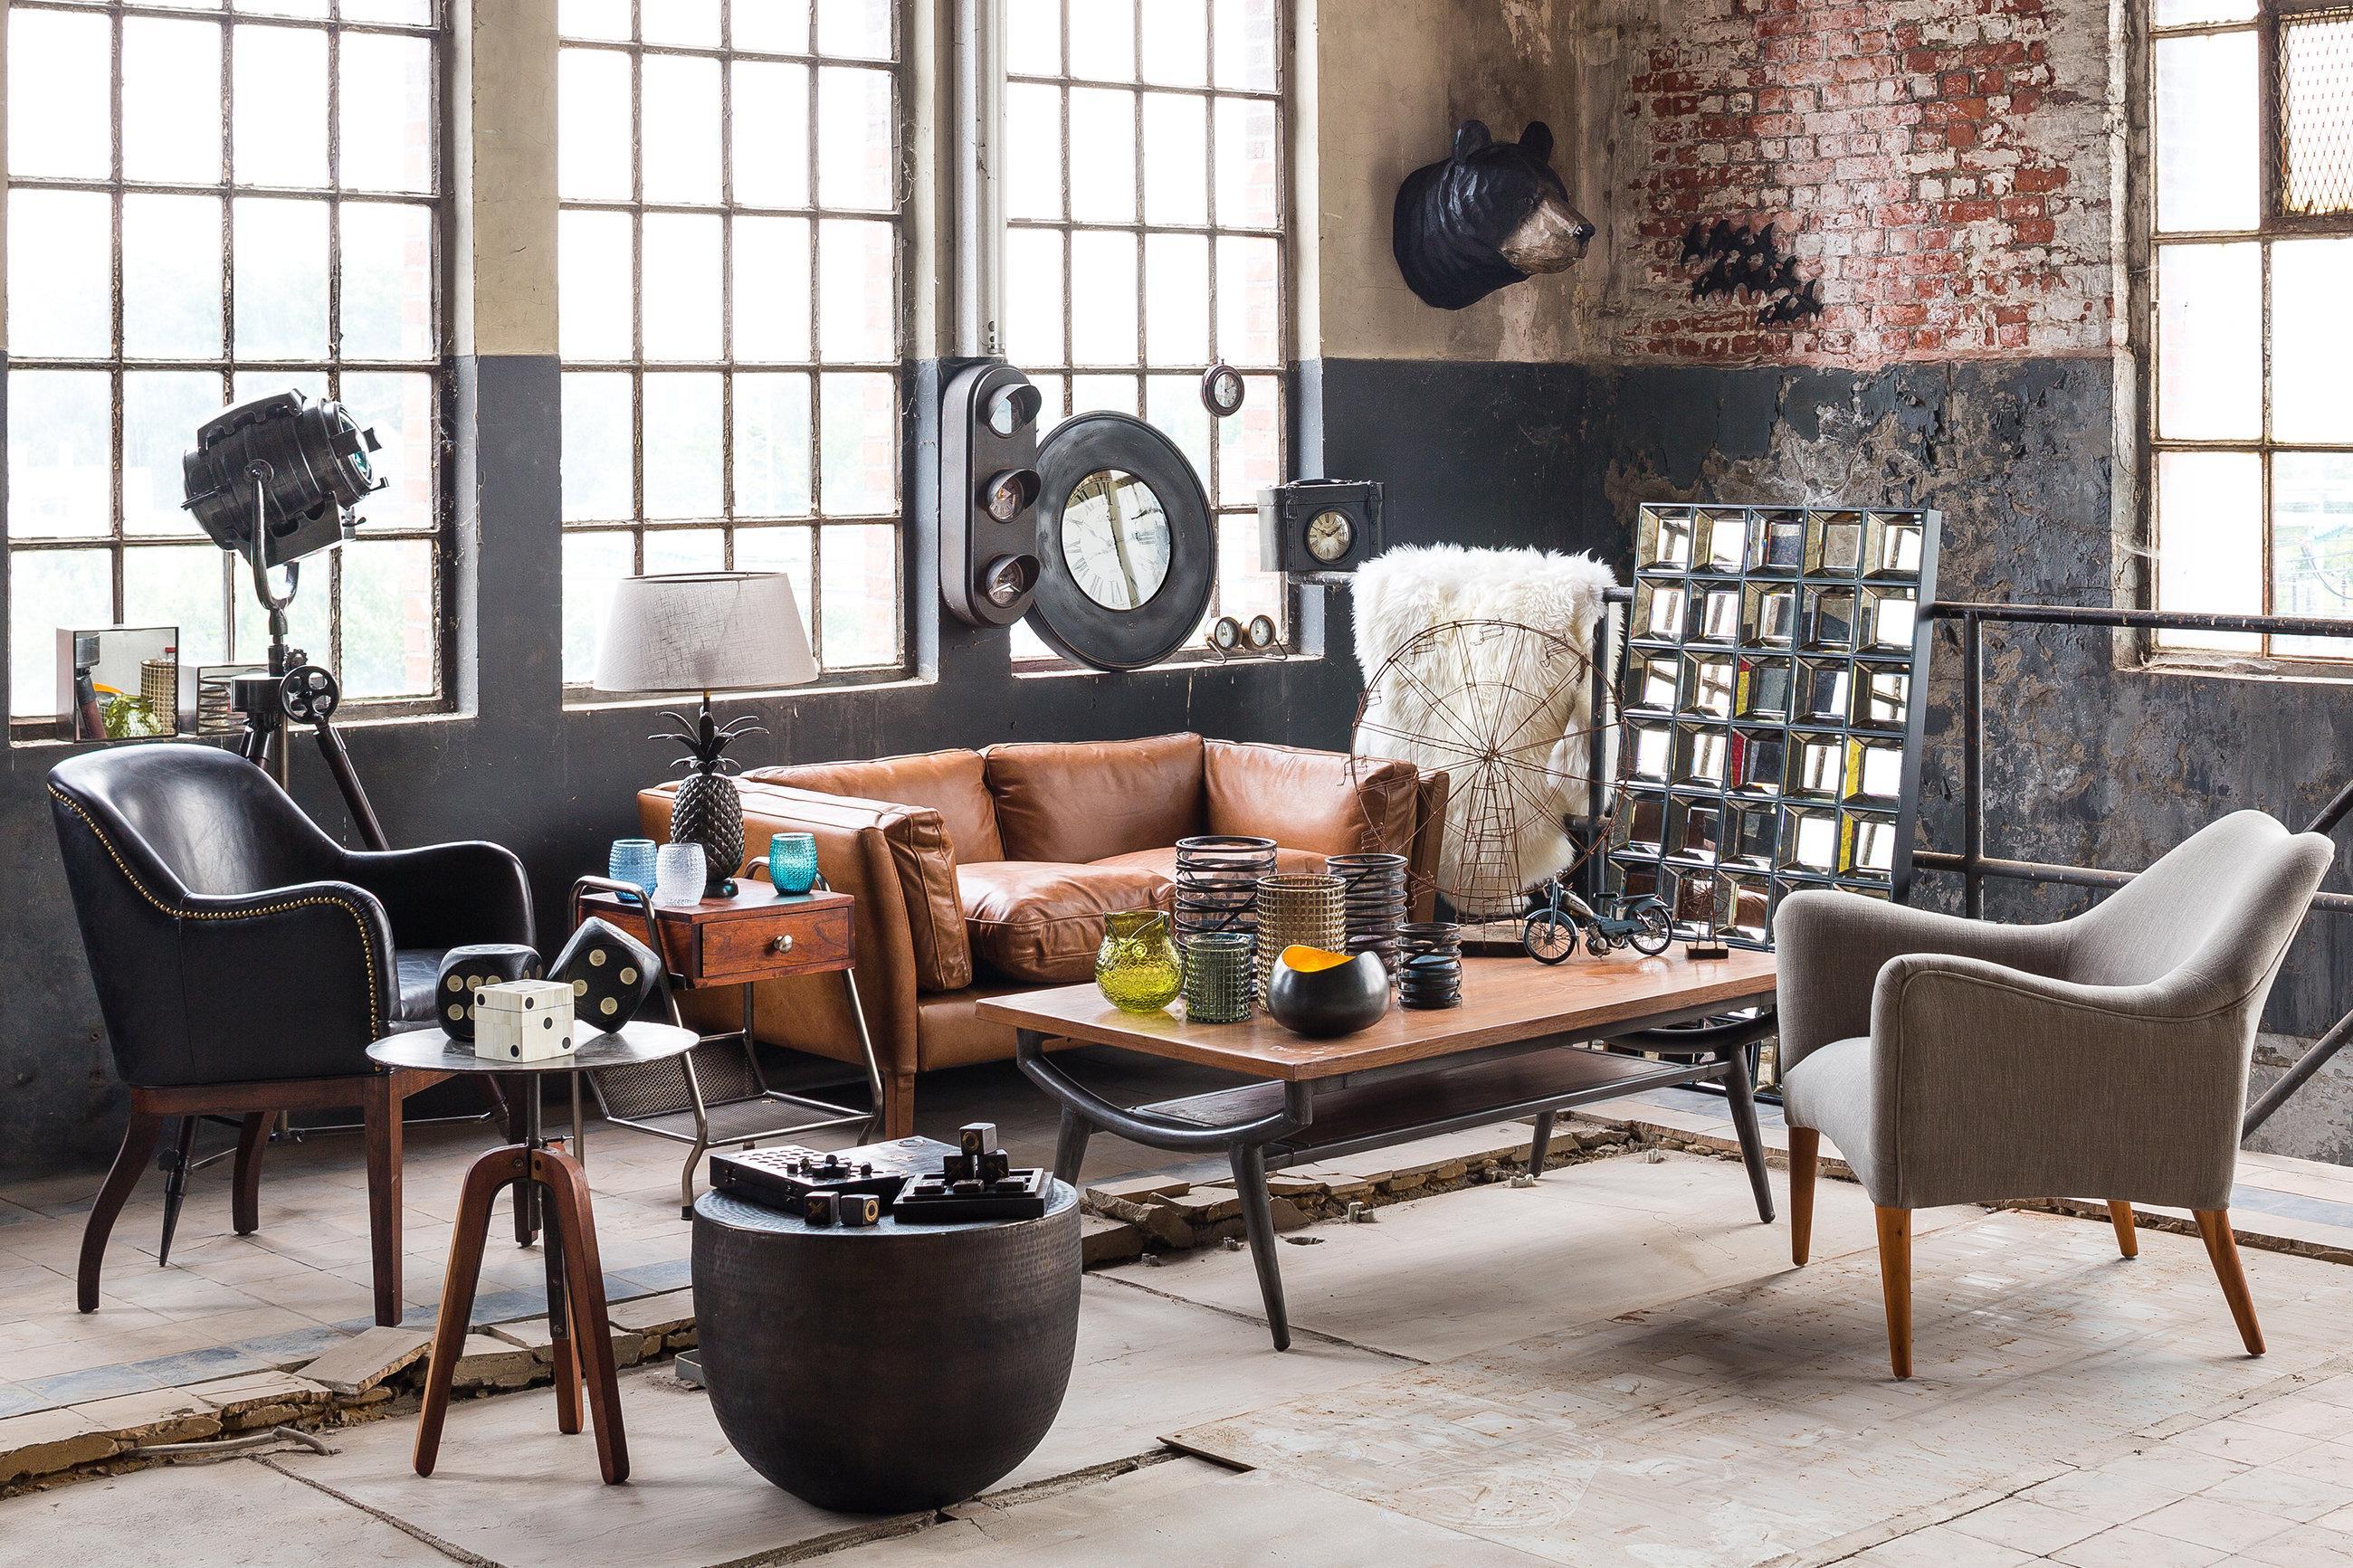 stunning wohnzimmer deko vintage photos house design. Black Bedroom Furniture Sets. Home Design Ideas